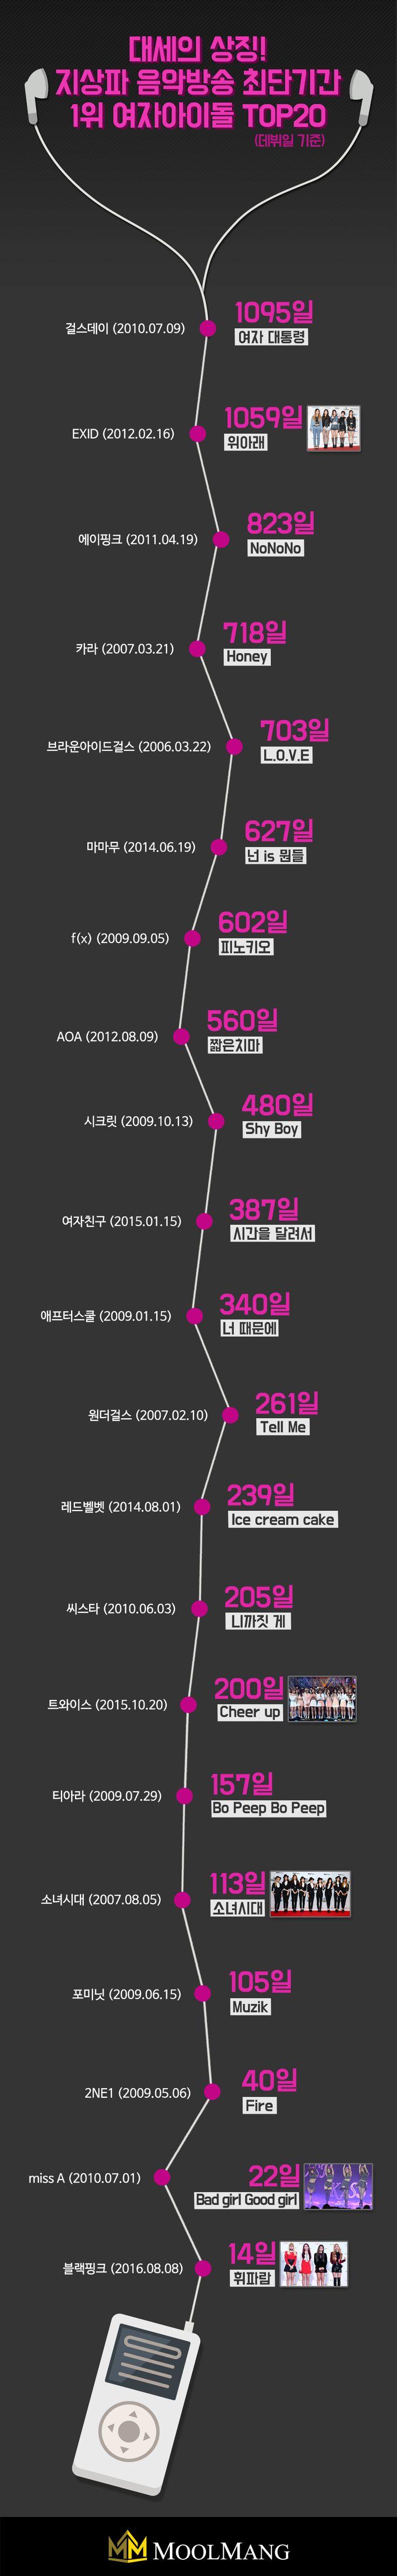 지상파 음악방송 최단기간 1위 여자 아이돌 TOP20 #Infographic #Design #Graphic #Chart #KPop #Music #Idol